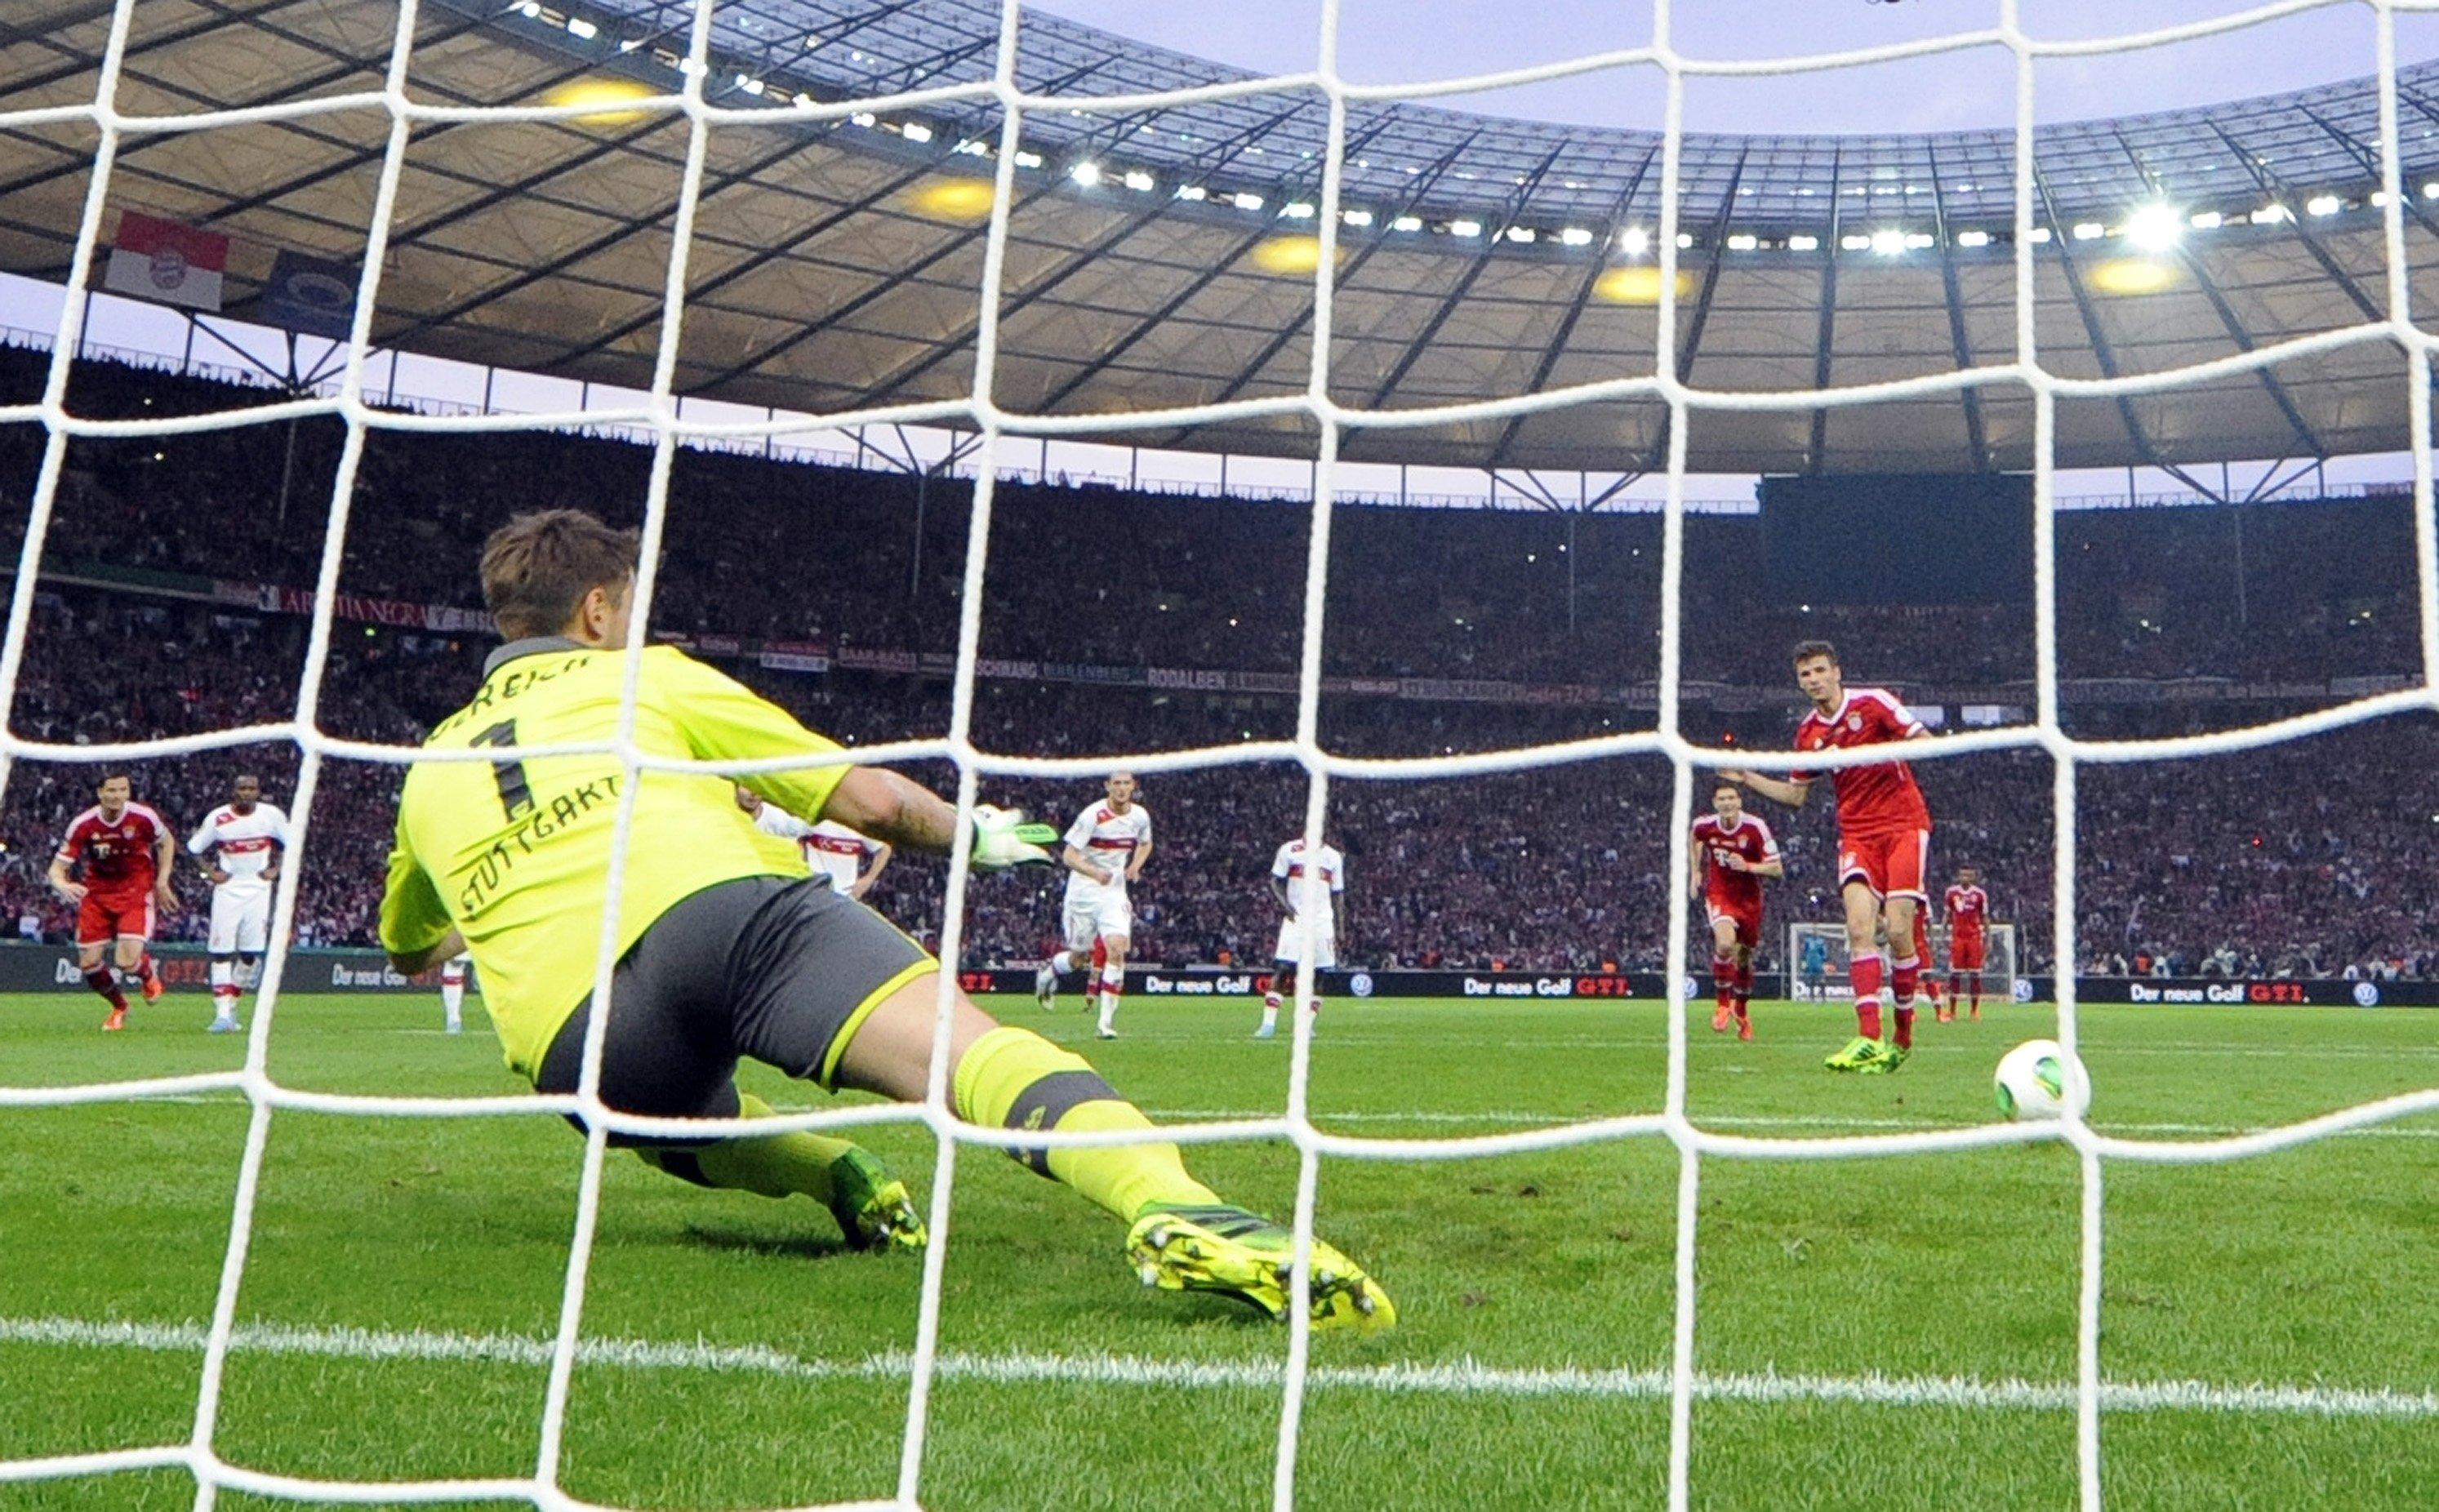 Thomas Müller vom FC Bayern München verwandelt einen Elfmeter gegen Sven Ulreich vom VfB Stuttgart: Müller hat in diesem Jahr schon vier von acht Elfmetern verschossen. Tipp von Forschern aus Kiel: Immer in die gleiche Ecke schießen wie der Schütze zuvor.